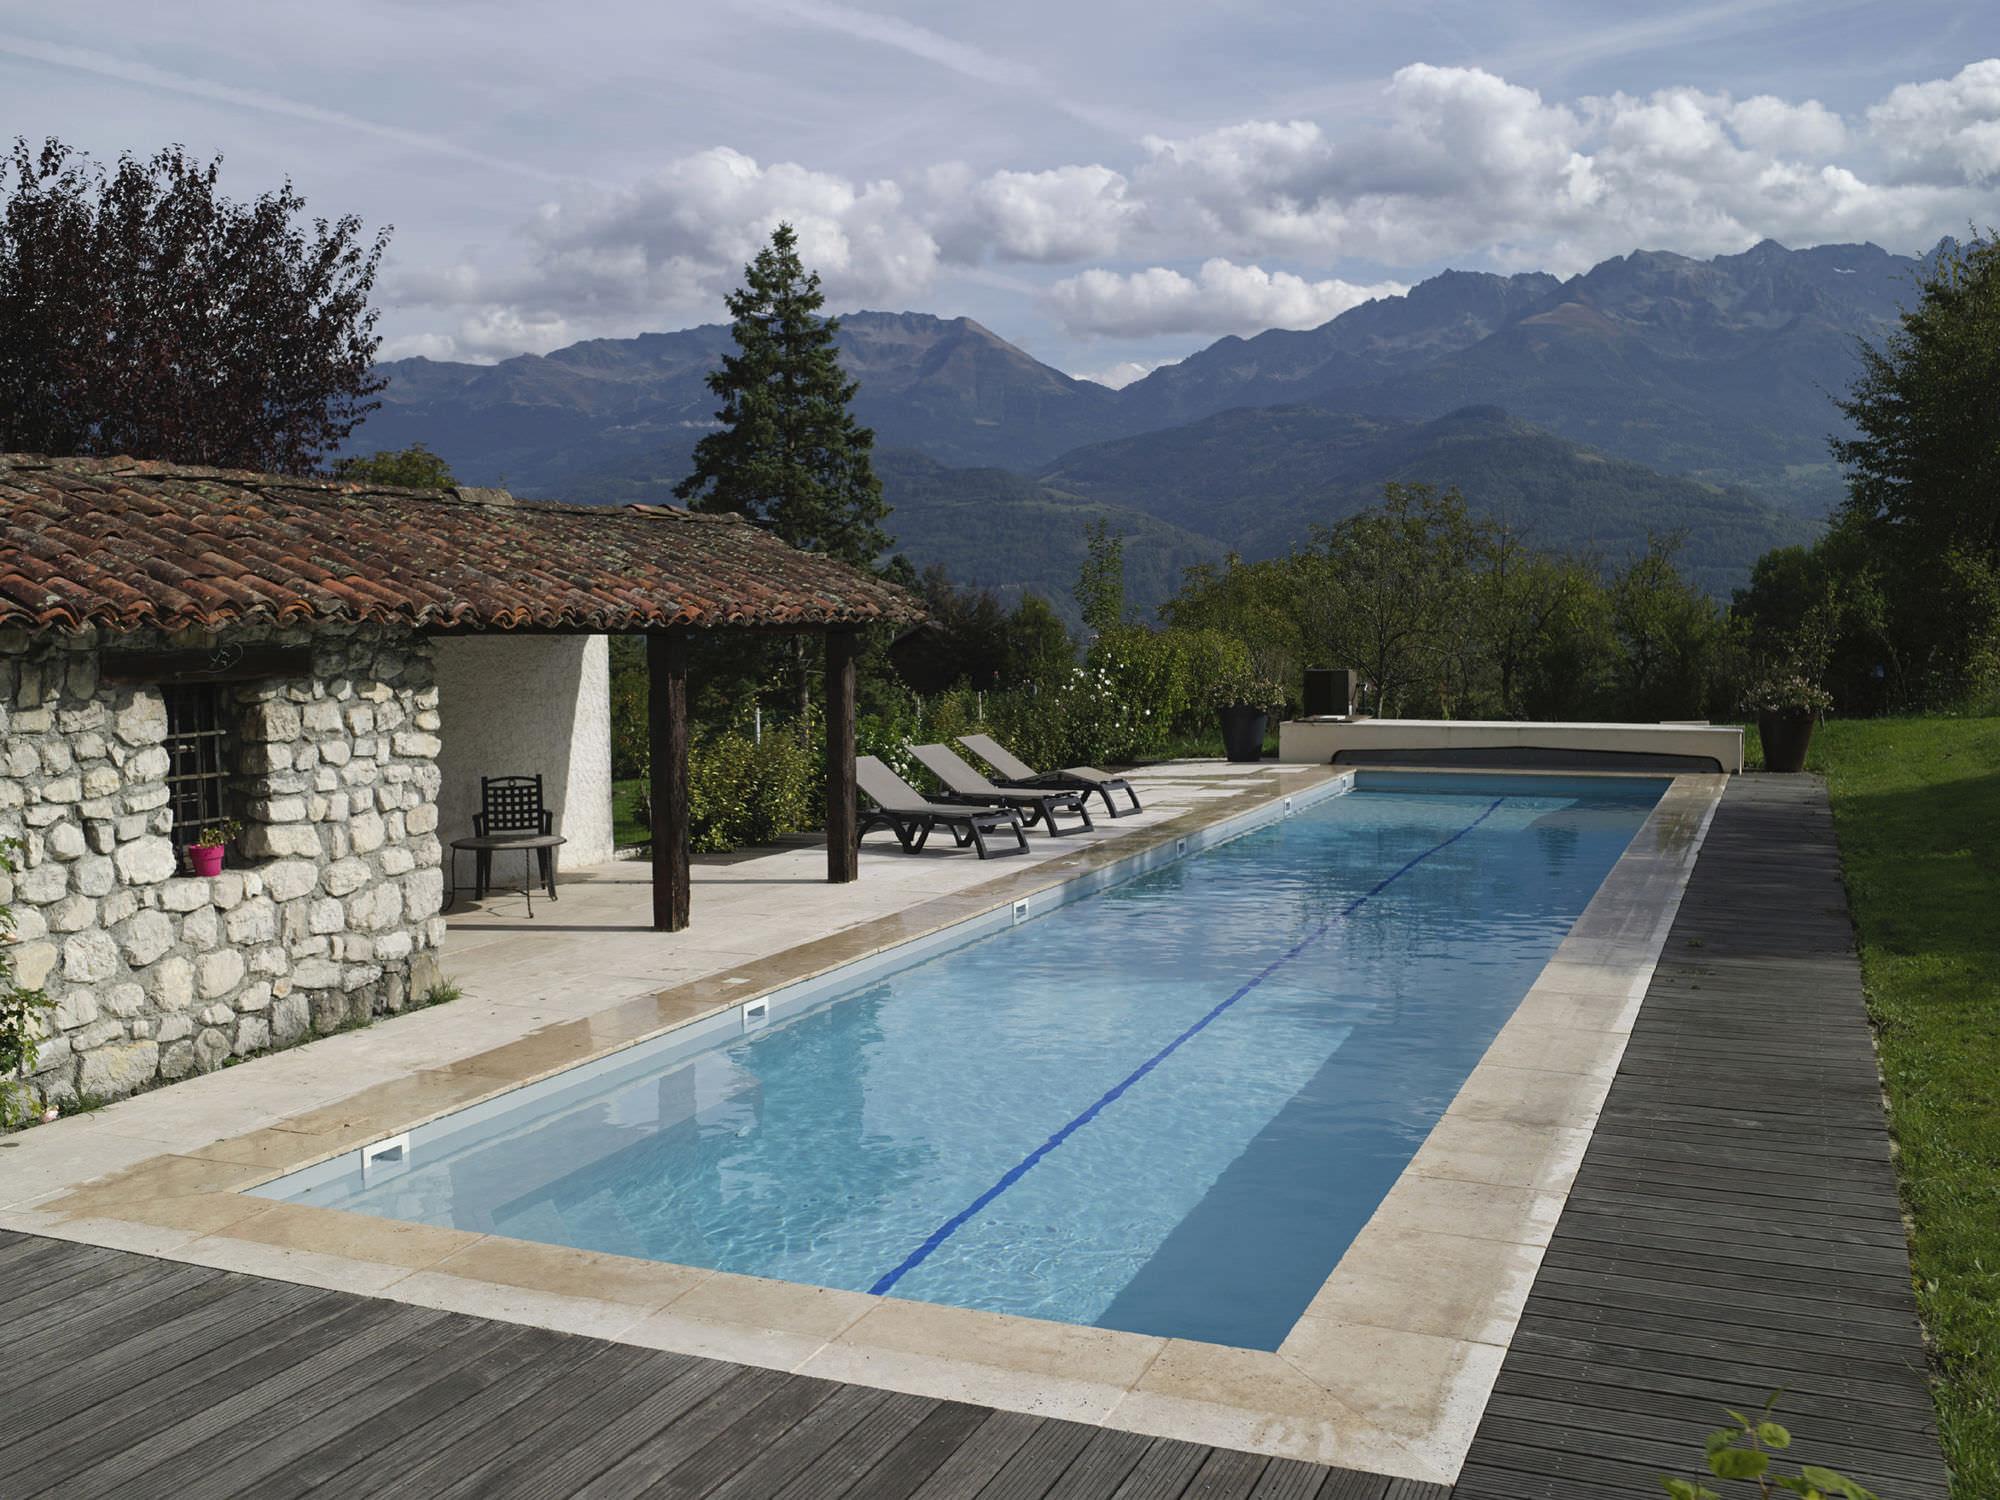 Inground concrete swimming pool (lap pool) - PISCINES CARRE BLEU